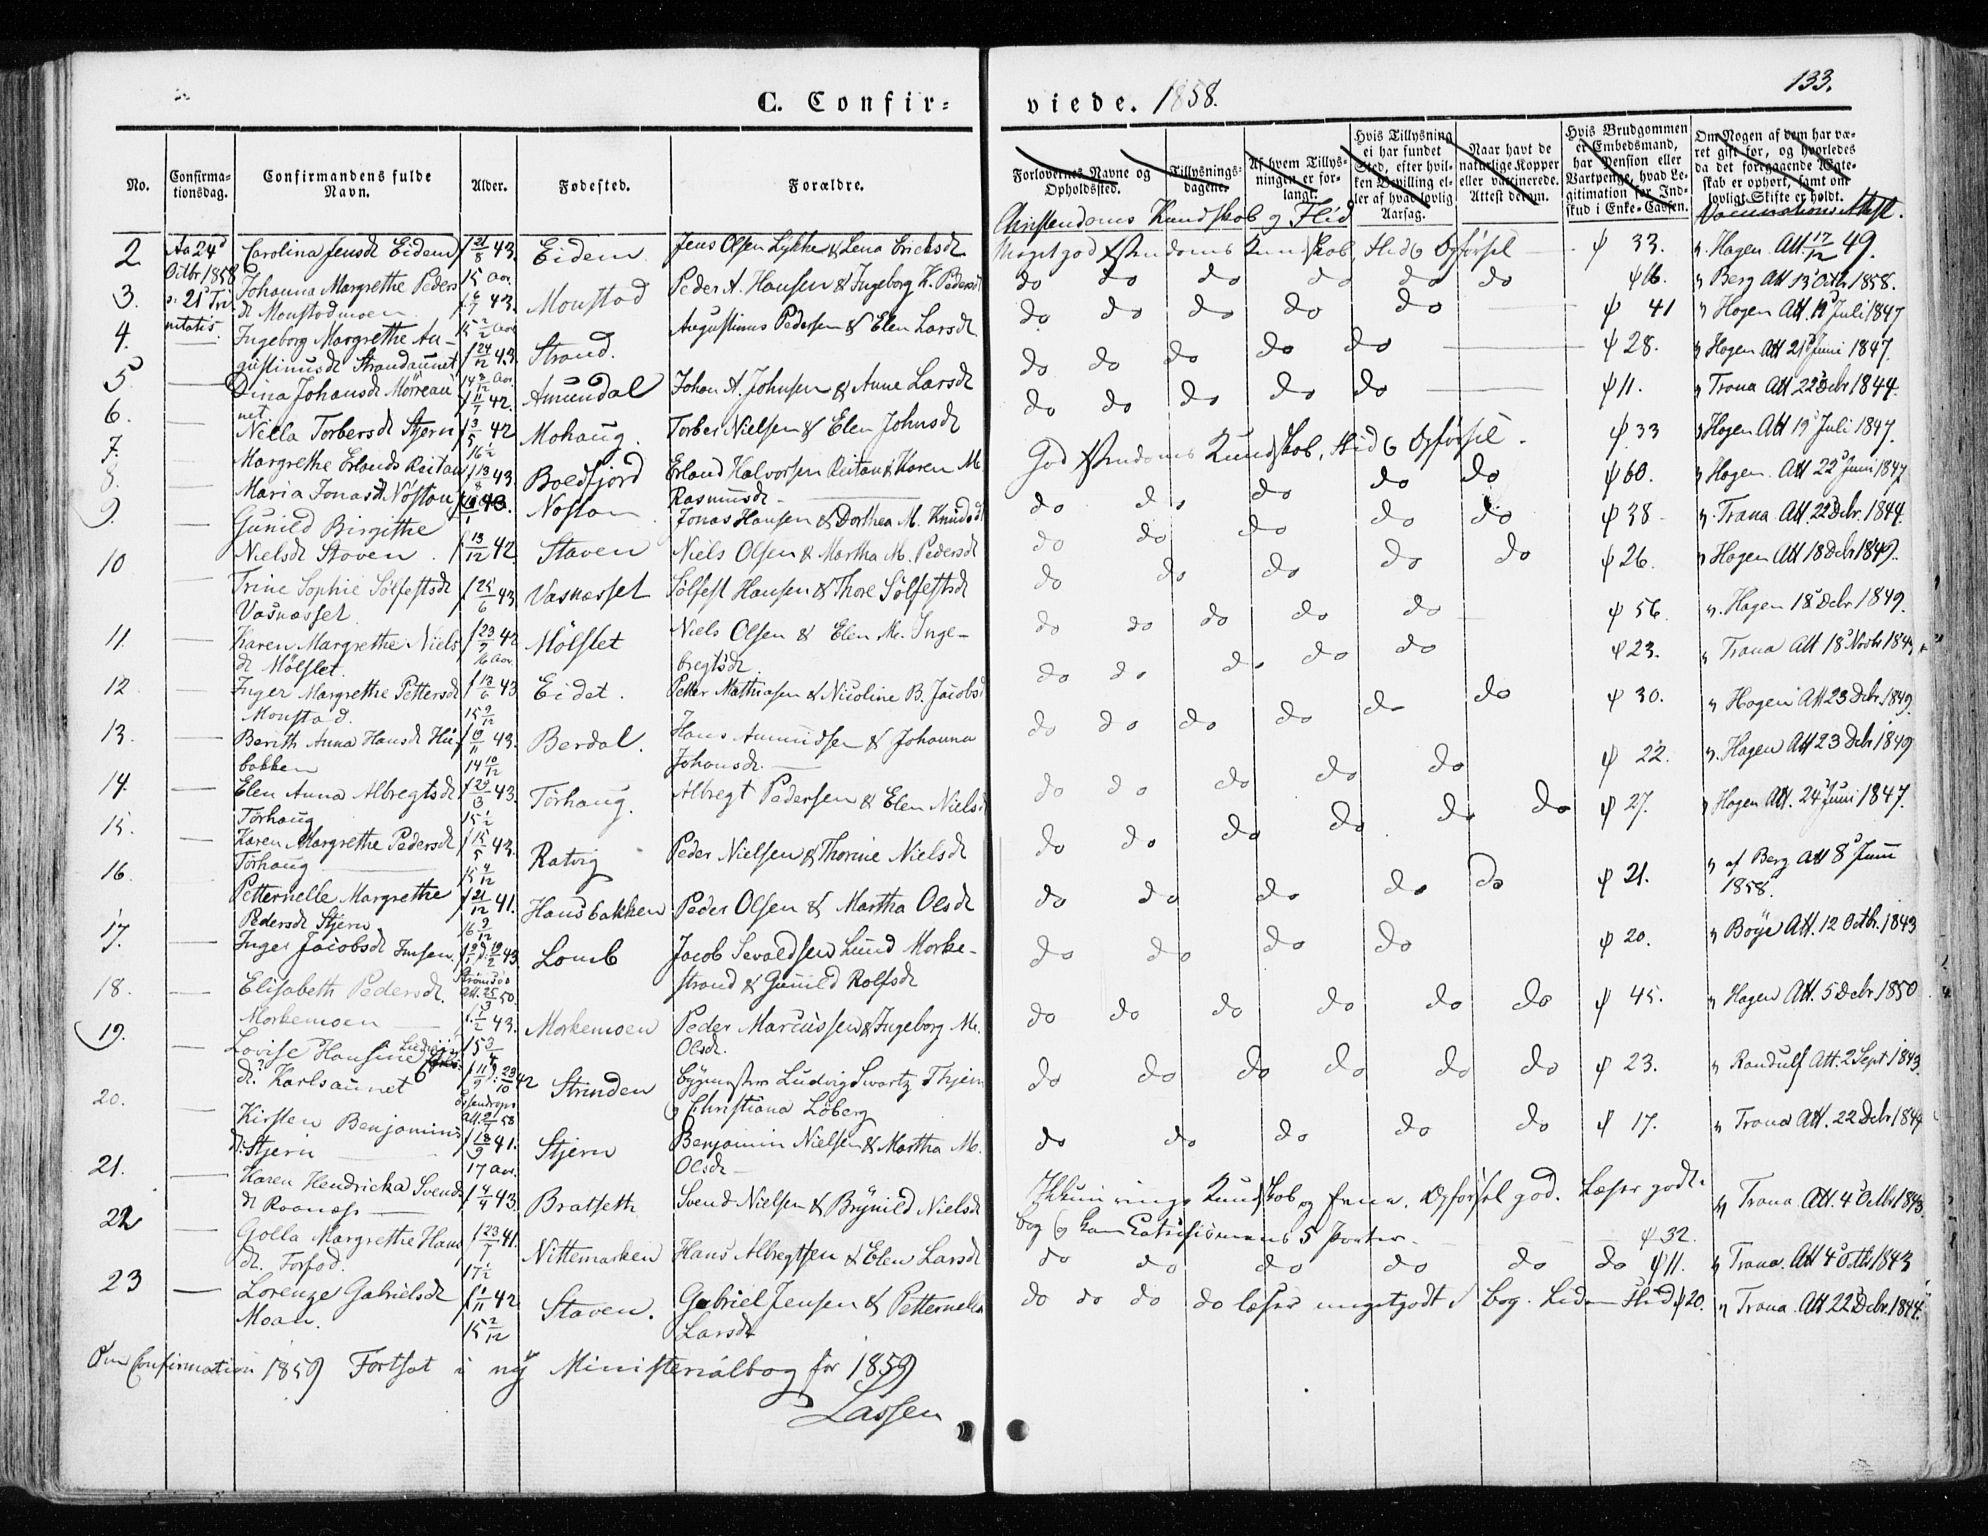 SAT, Ministerialprotokoller, klokkerbøker og fødselsregistre - Sør-Trøndelag, 655/L0677: Ministerialbok nr. 655A06, 1847-1860, s. 133